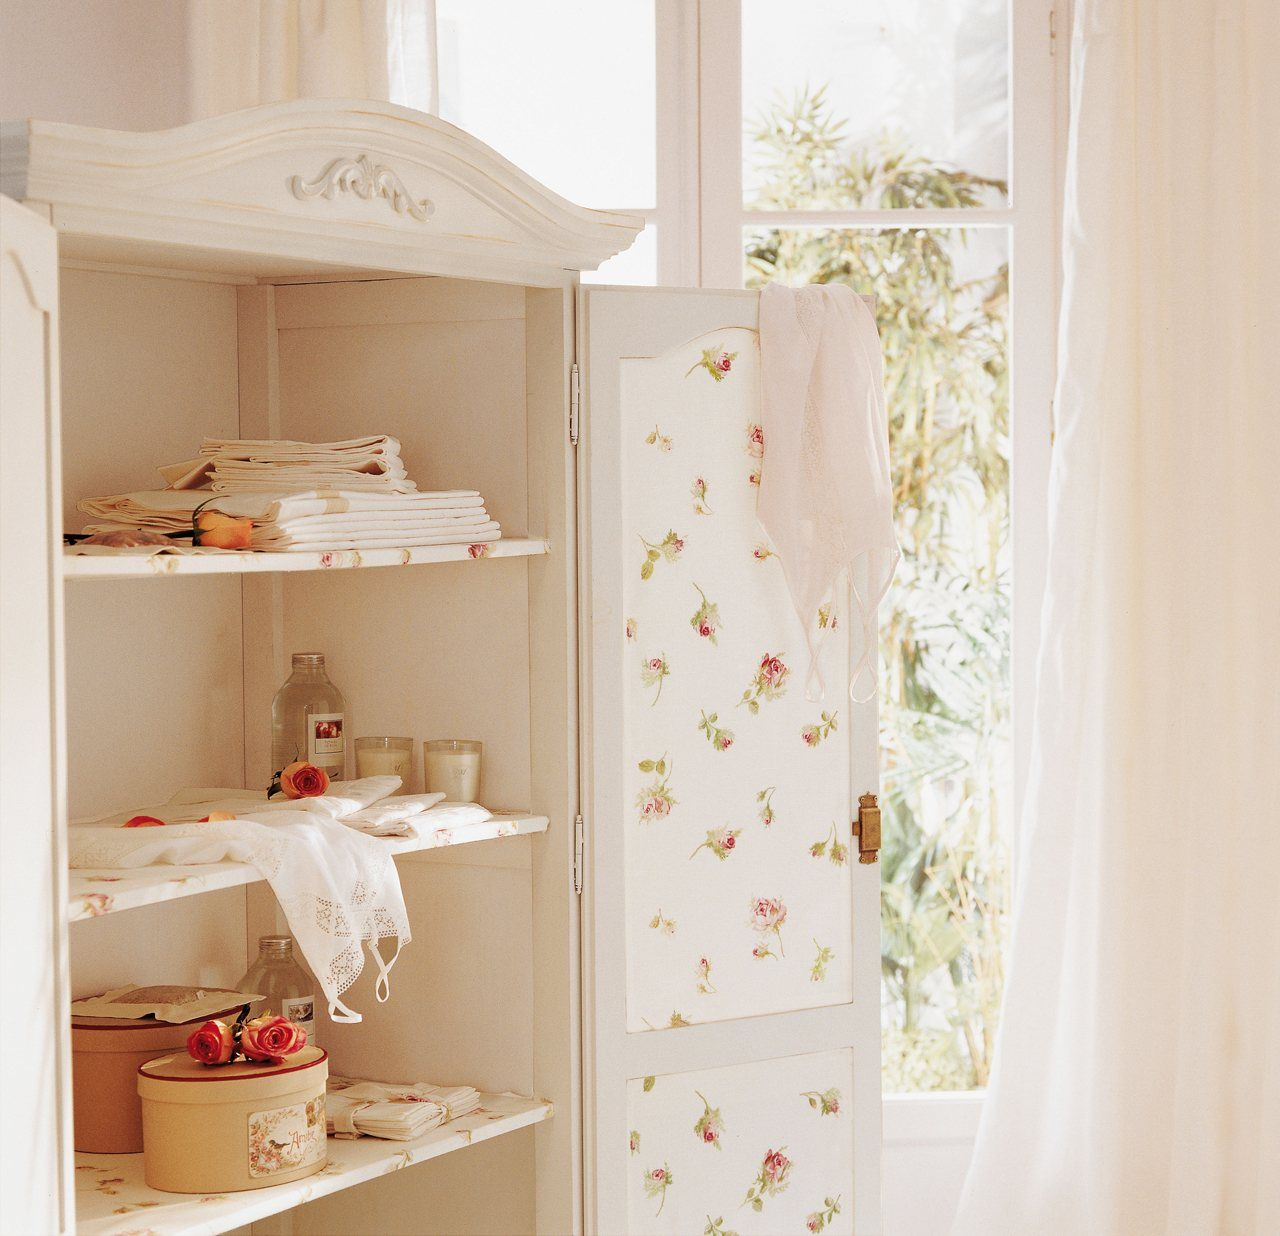 Limpieza De Primavera 25 Trucos Muy útiles Muebles Forrados Con Papel Limpieza De Primavera Muebles